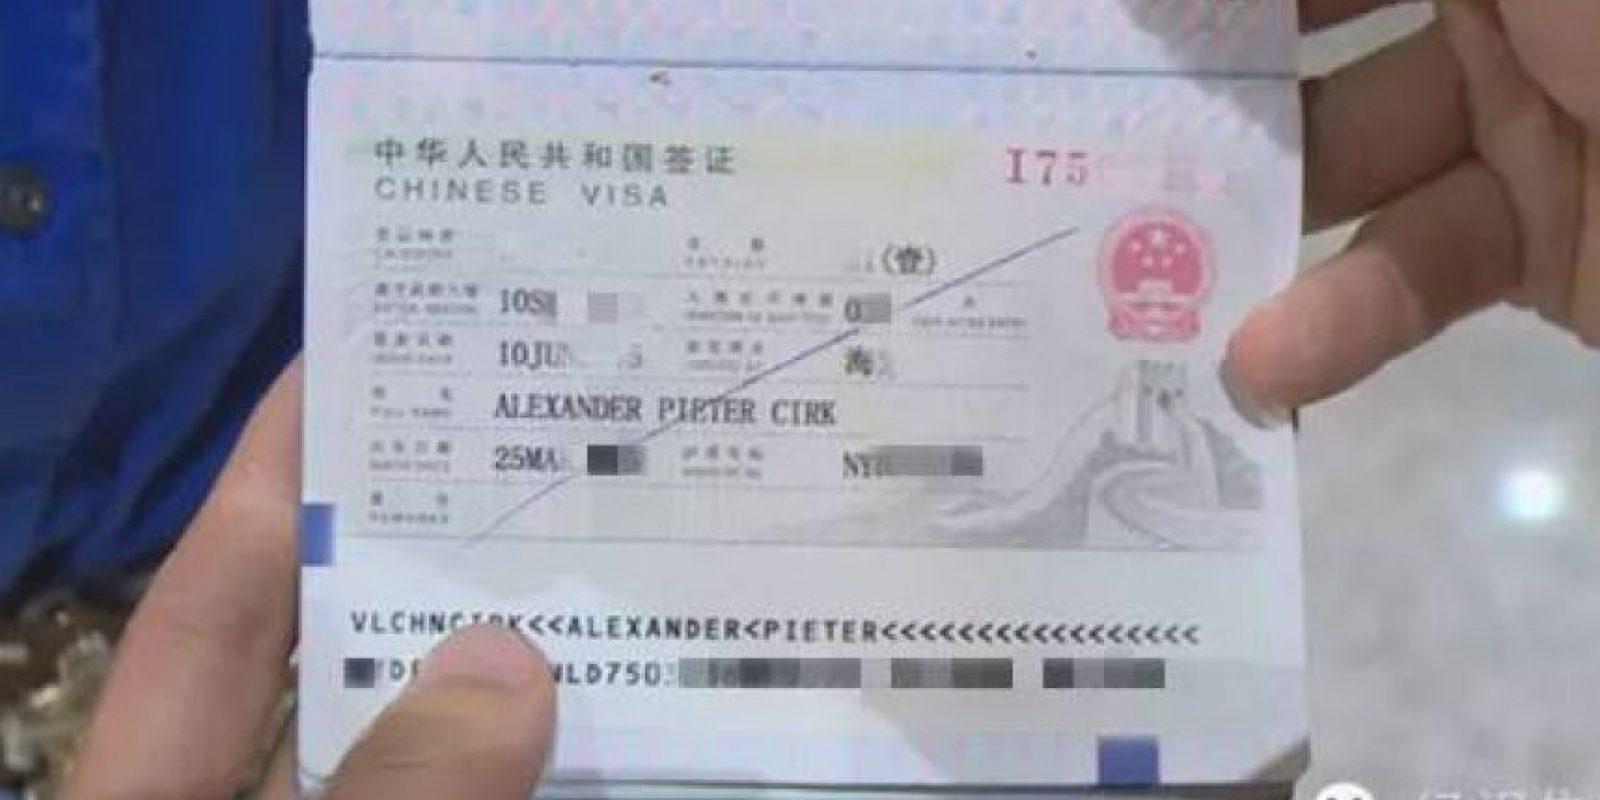 Este era su visa temporal con 15 días de validez Foto:Weibo.com